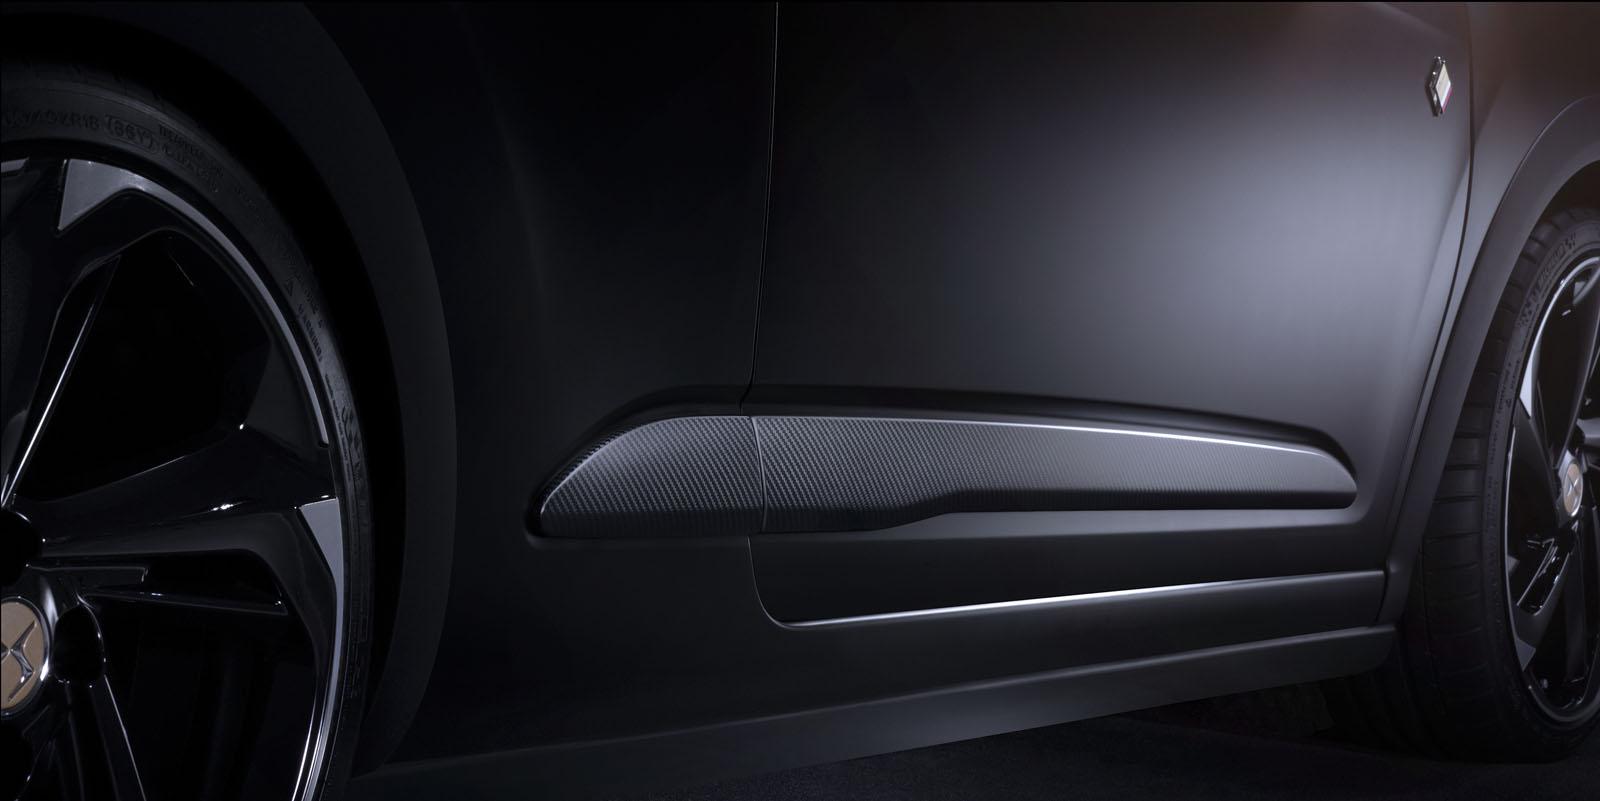 nouvelle ds 3 performance nouvelle sans vraiment l 39 tre french driver. Black Bedroom Furniture Sets. Home Design Ideas